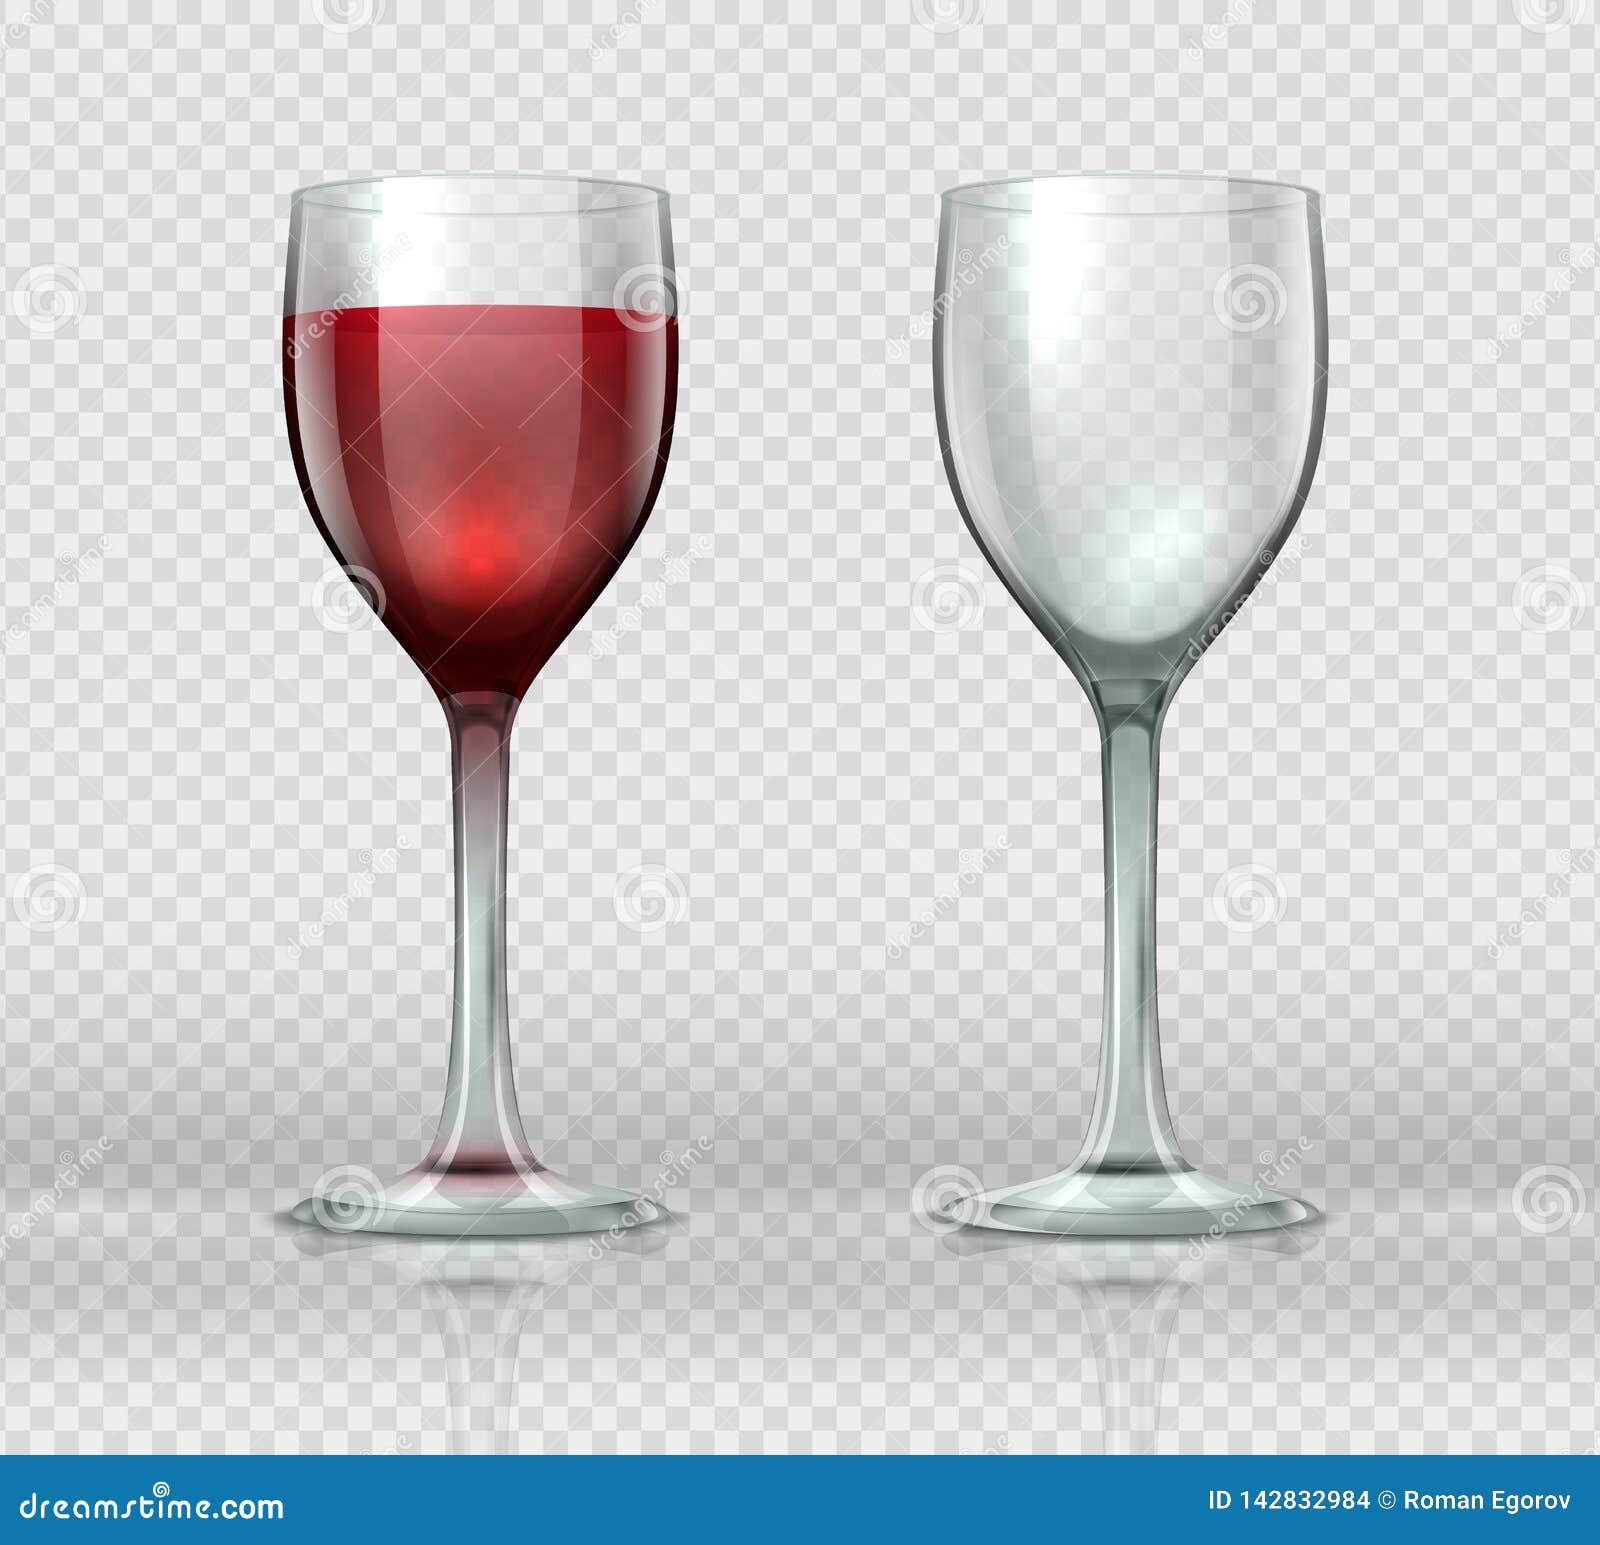 Realistische wijnglazen Transparant geïsoleerd wijnglas met rode wijn, 3D lege glaskop voor cocktails Vectorwijnmakerij